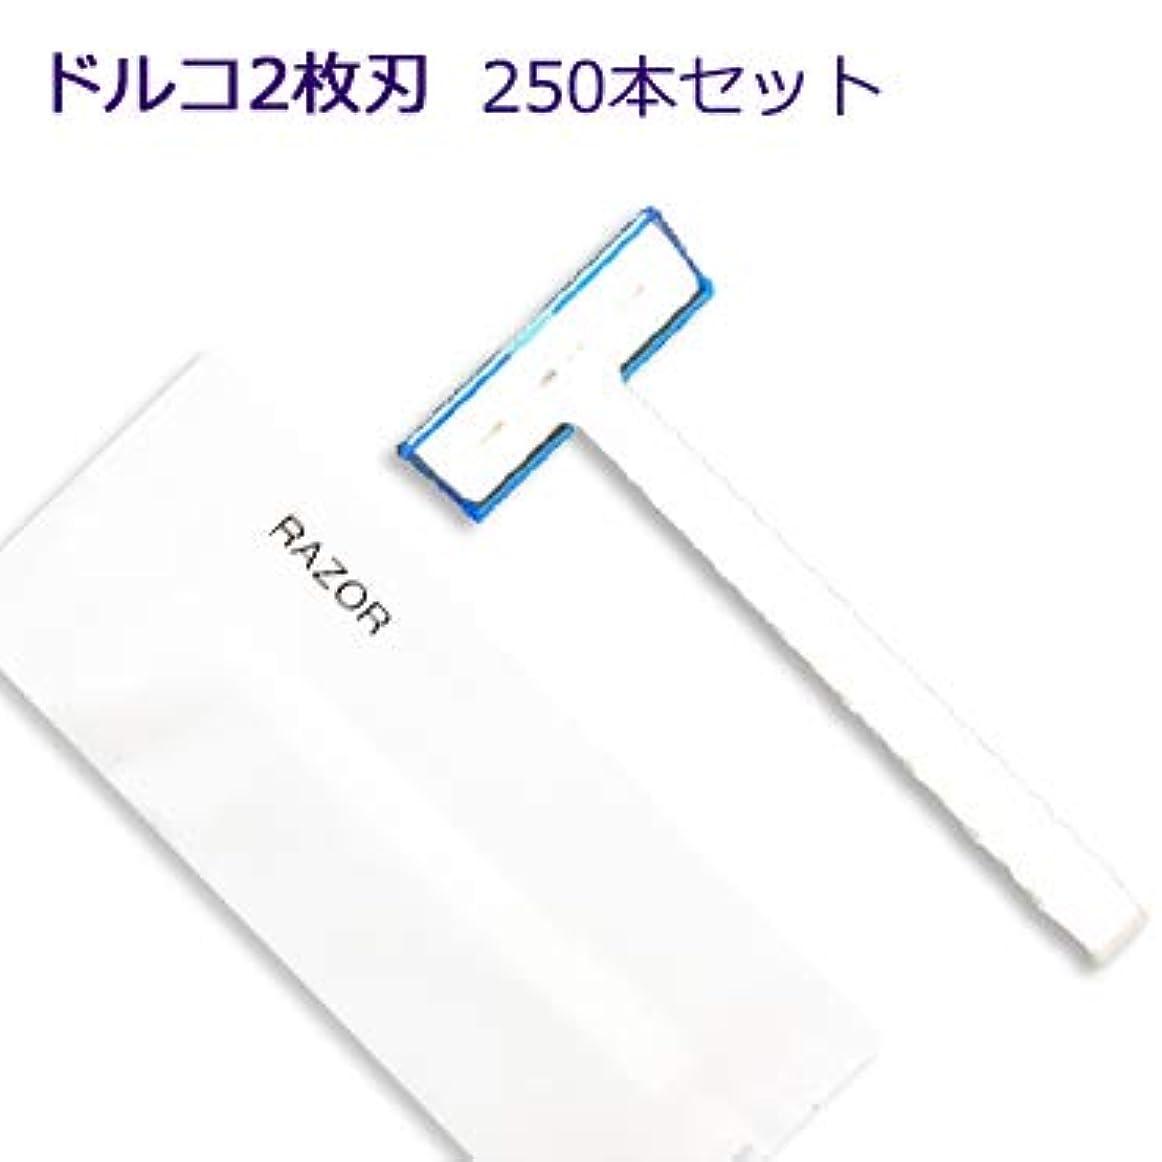 時計苦味検査ホテル業務用 カミソリ マットシリーズ ドルコ 2枚刃 (1セット250本入)